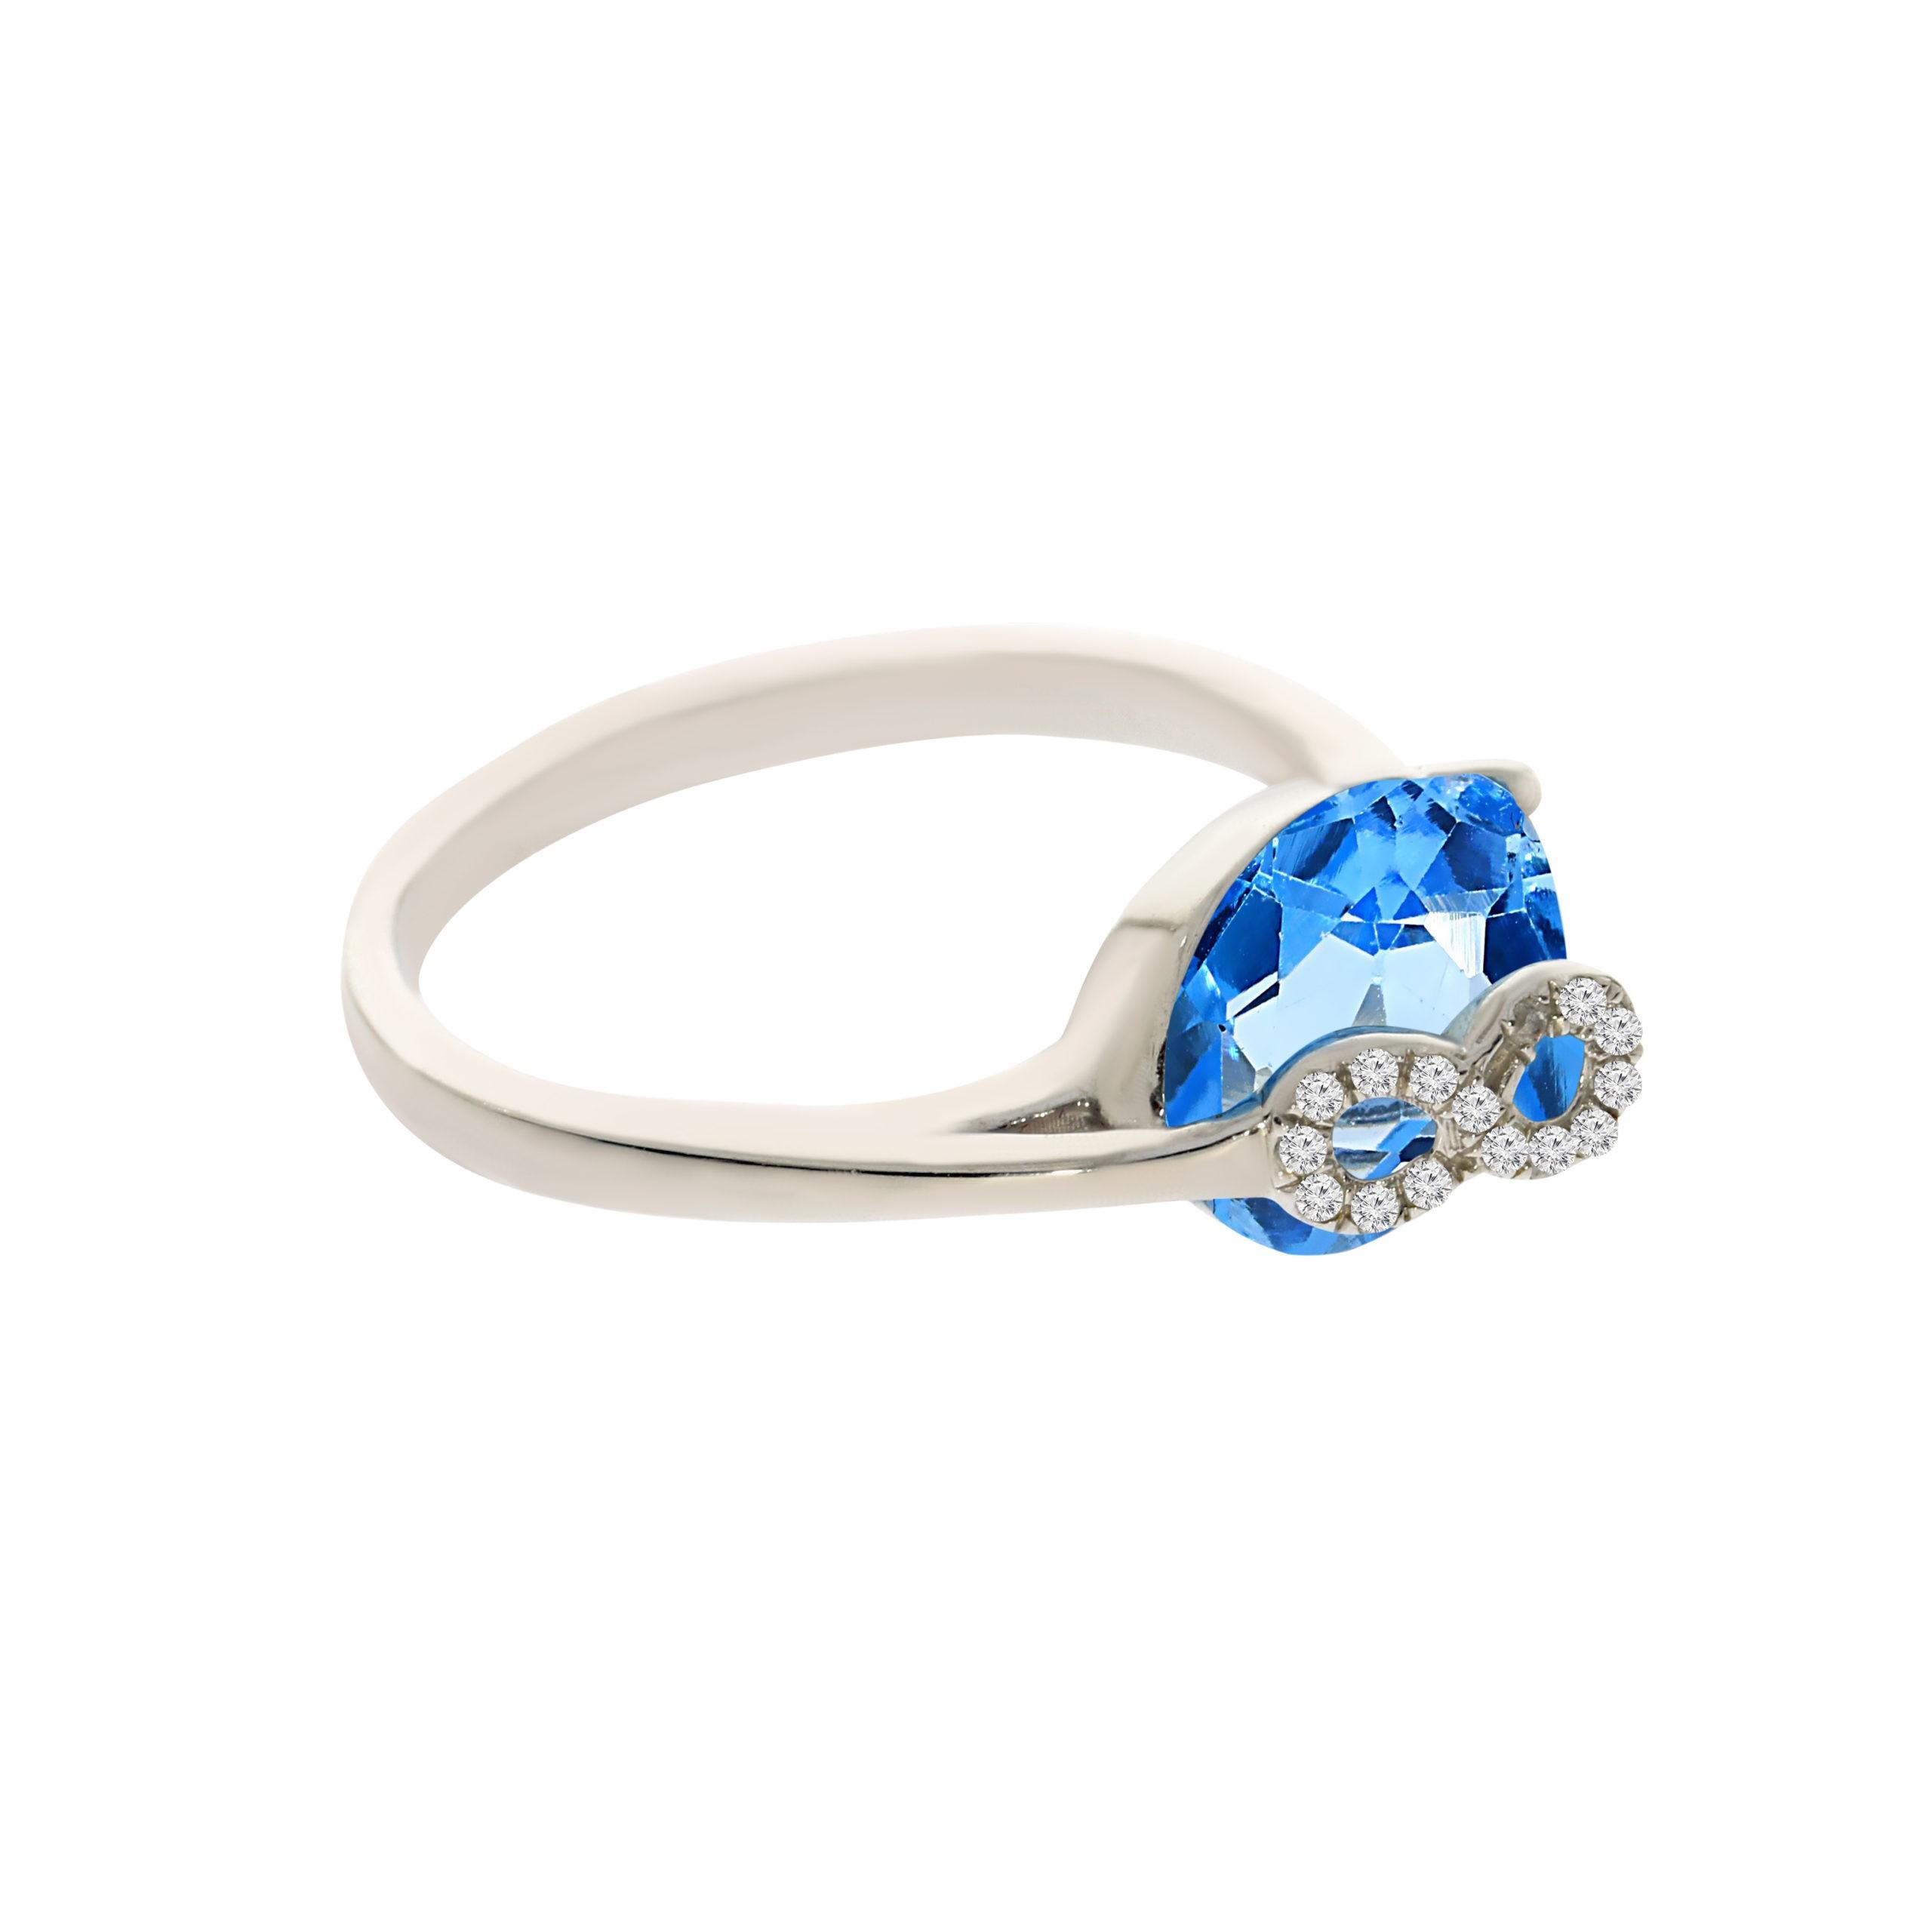 טבעת בלו טופז 3.29 קראט, זהב-לבן 14 קראט, בשיבוץ 0.03 קראט  יהלומים